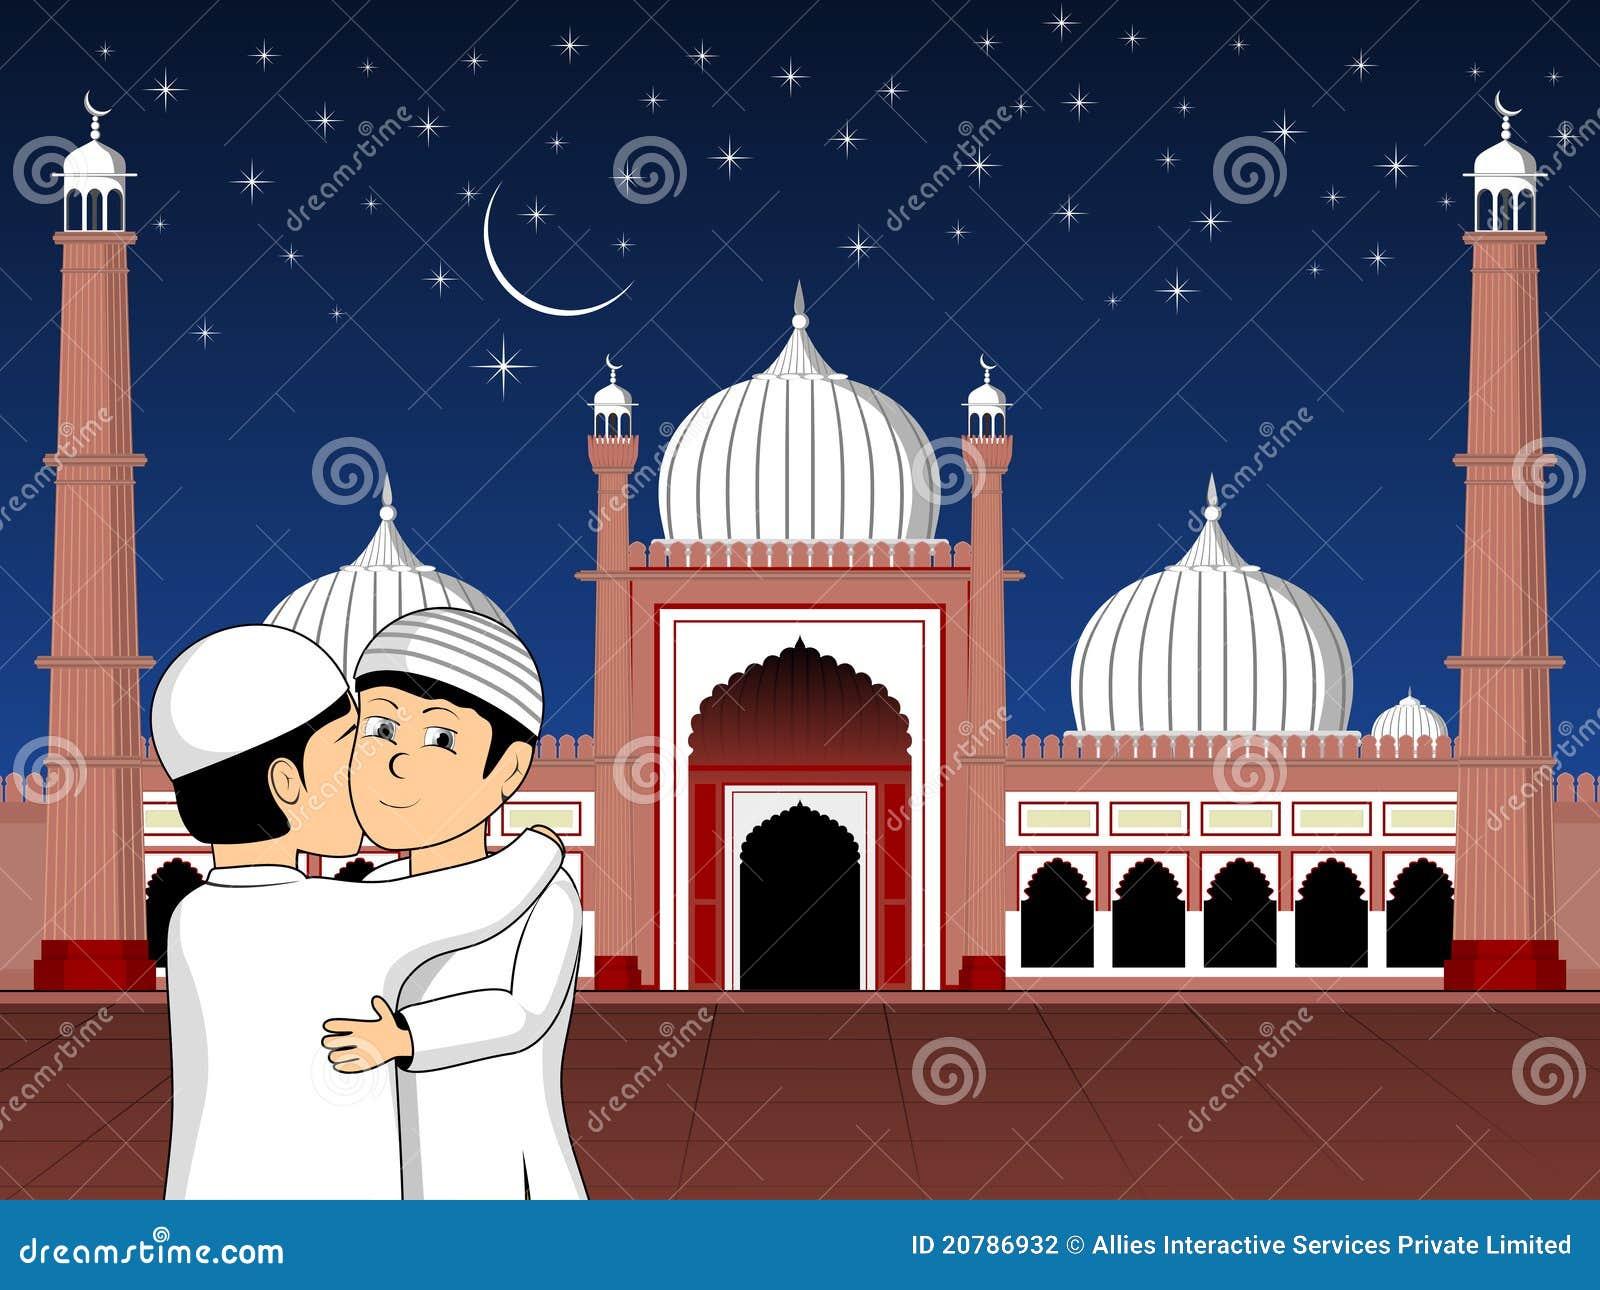 Illustration For Eid Mubarak Celebration Stock Photography - Image ...